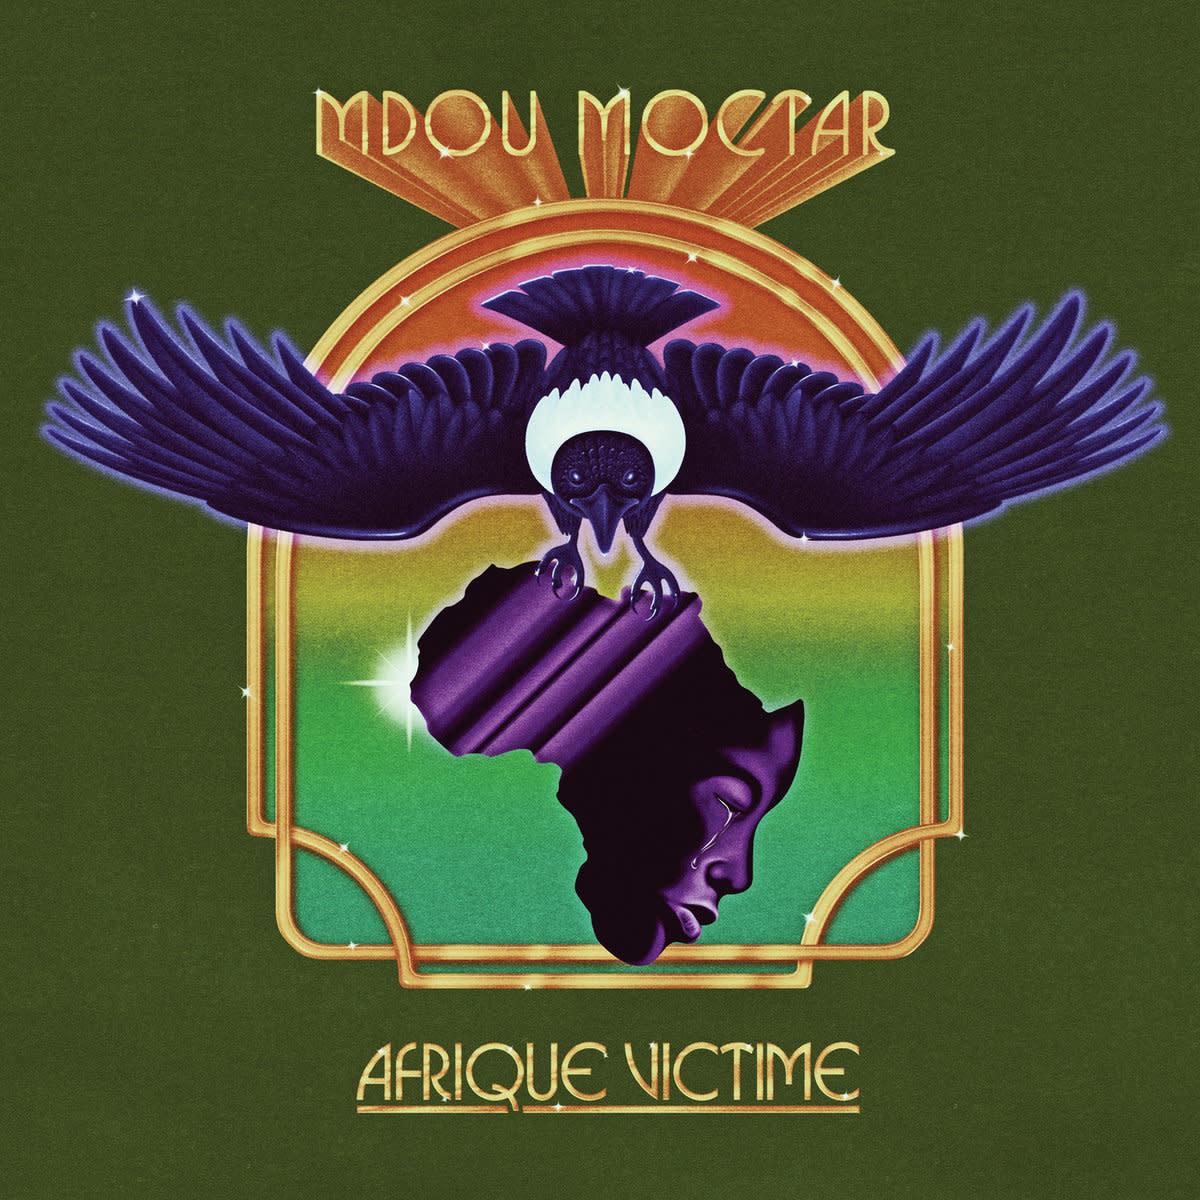 World Mdou Moctar - Afrique Victime (Purple Vinyl)